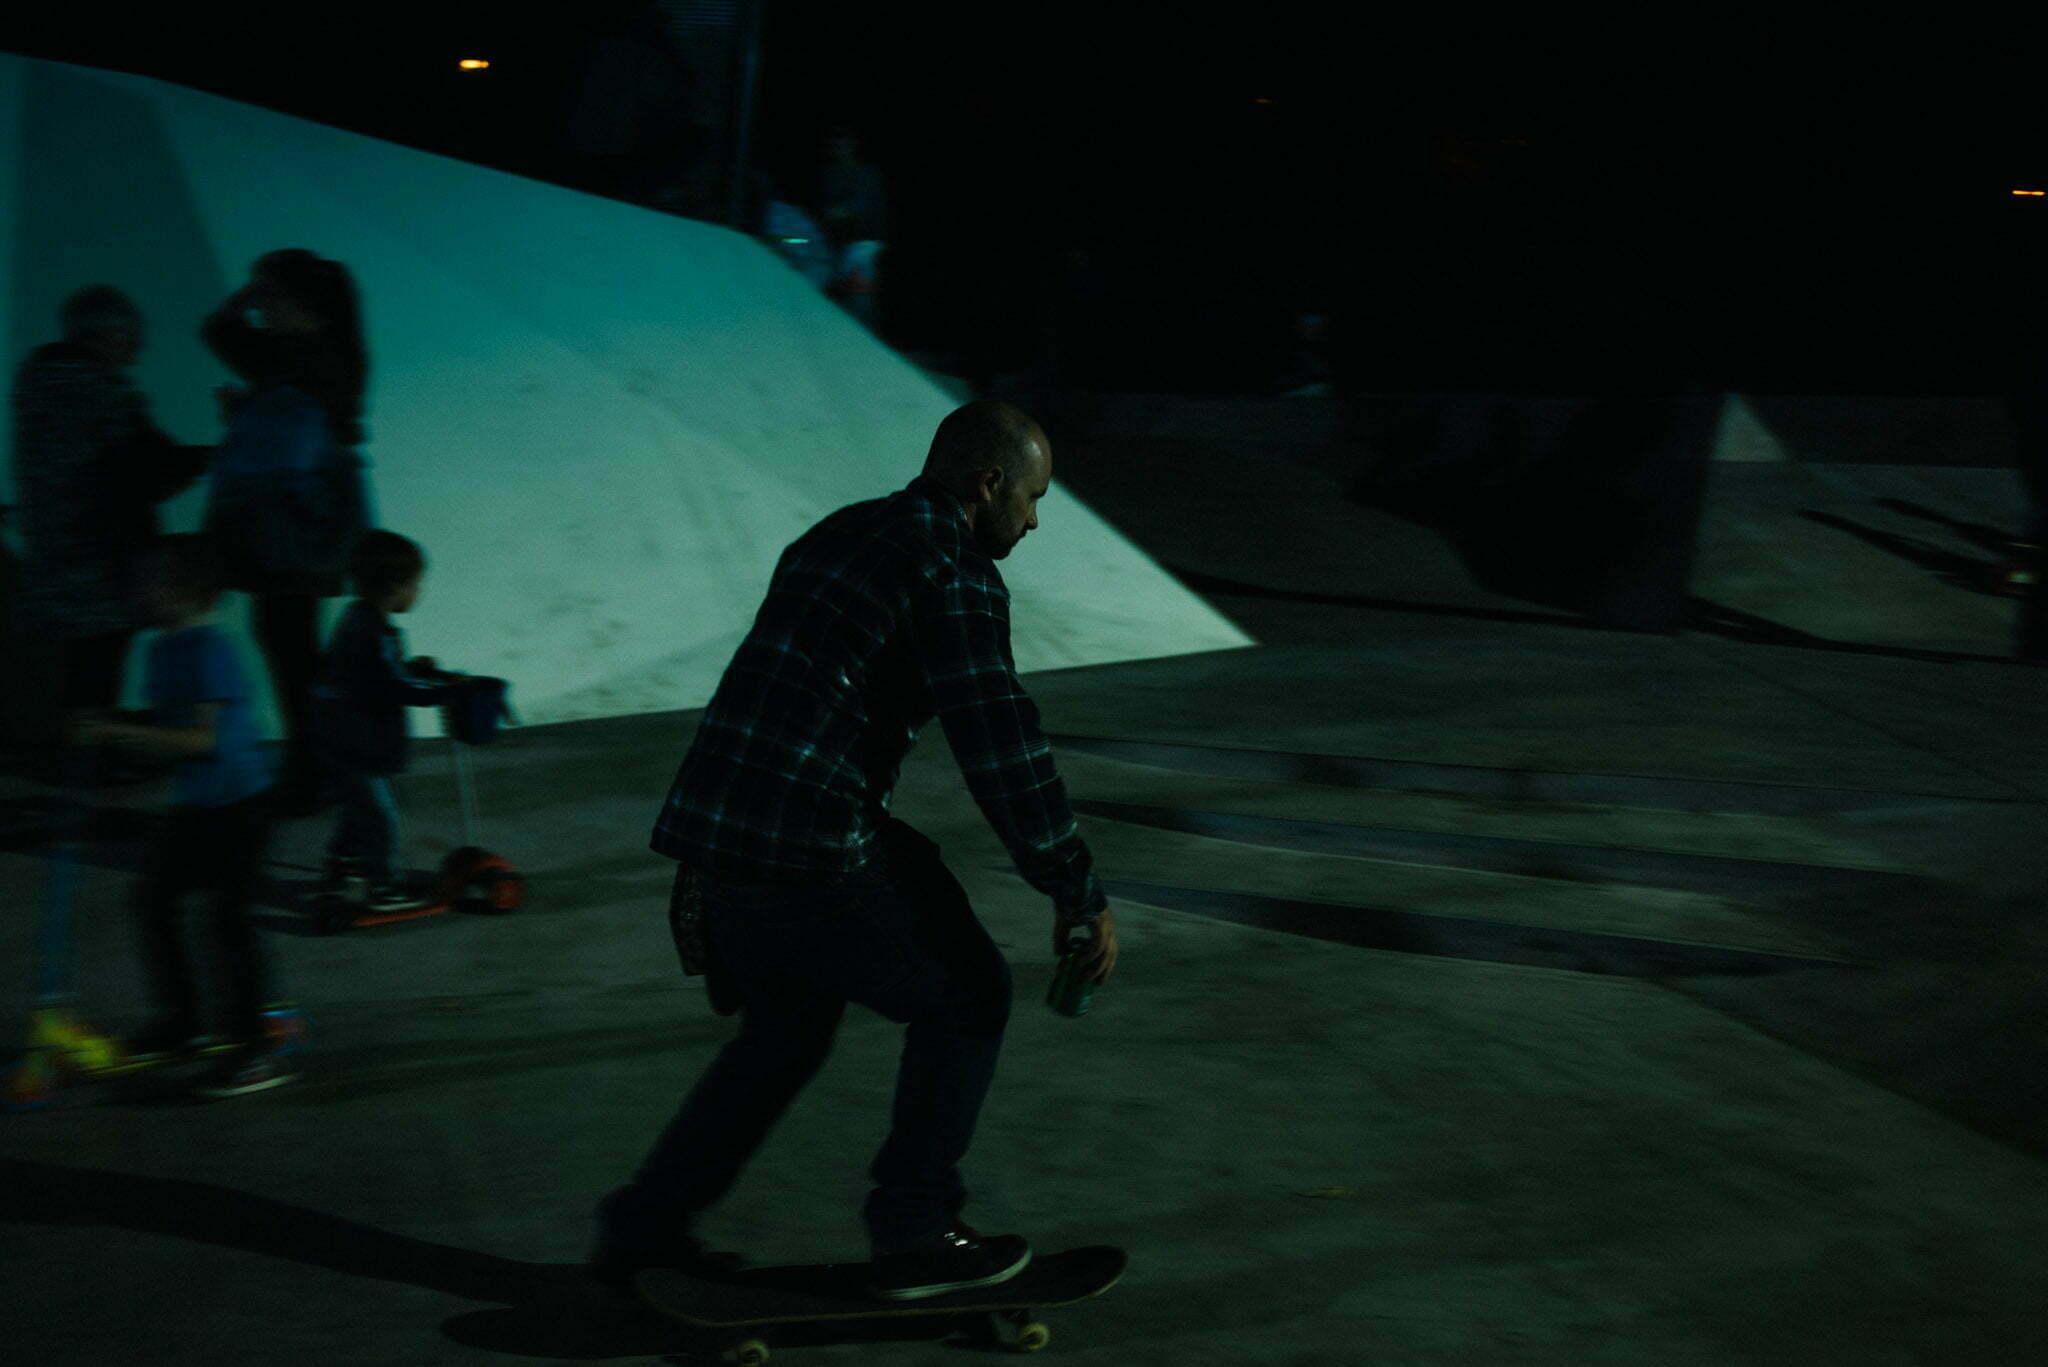 biennial-evertro-skatepark-6353-pete-carr